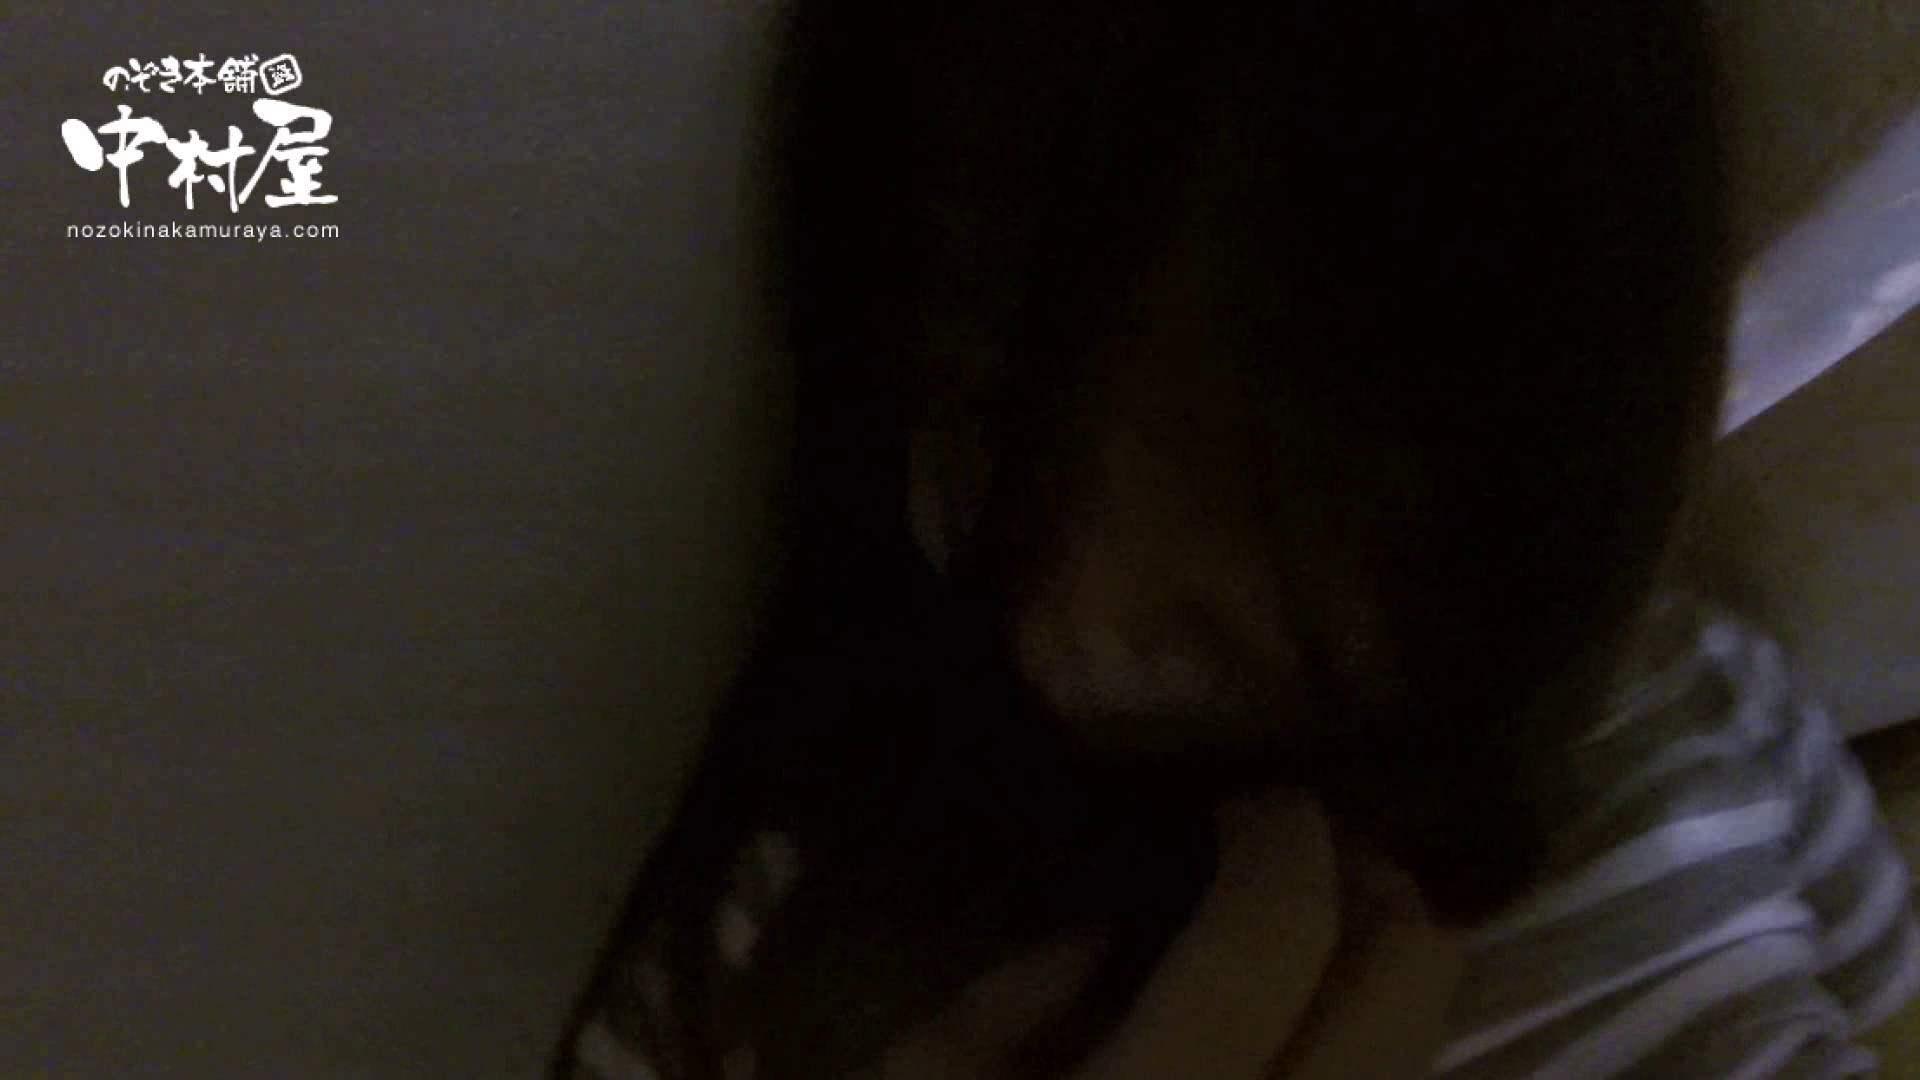 鬼畜 vol.05 誰にも言うなよ! はぃ… 後編 OLエロ画像   鬼畜  99PICs 61